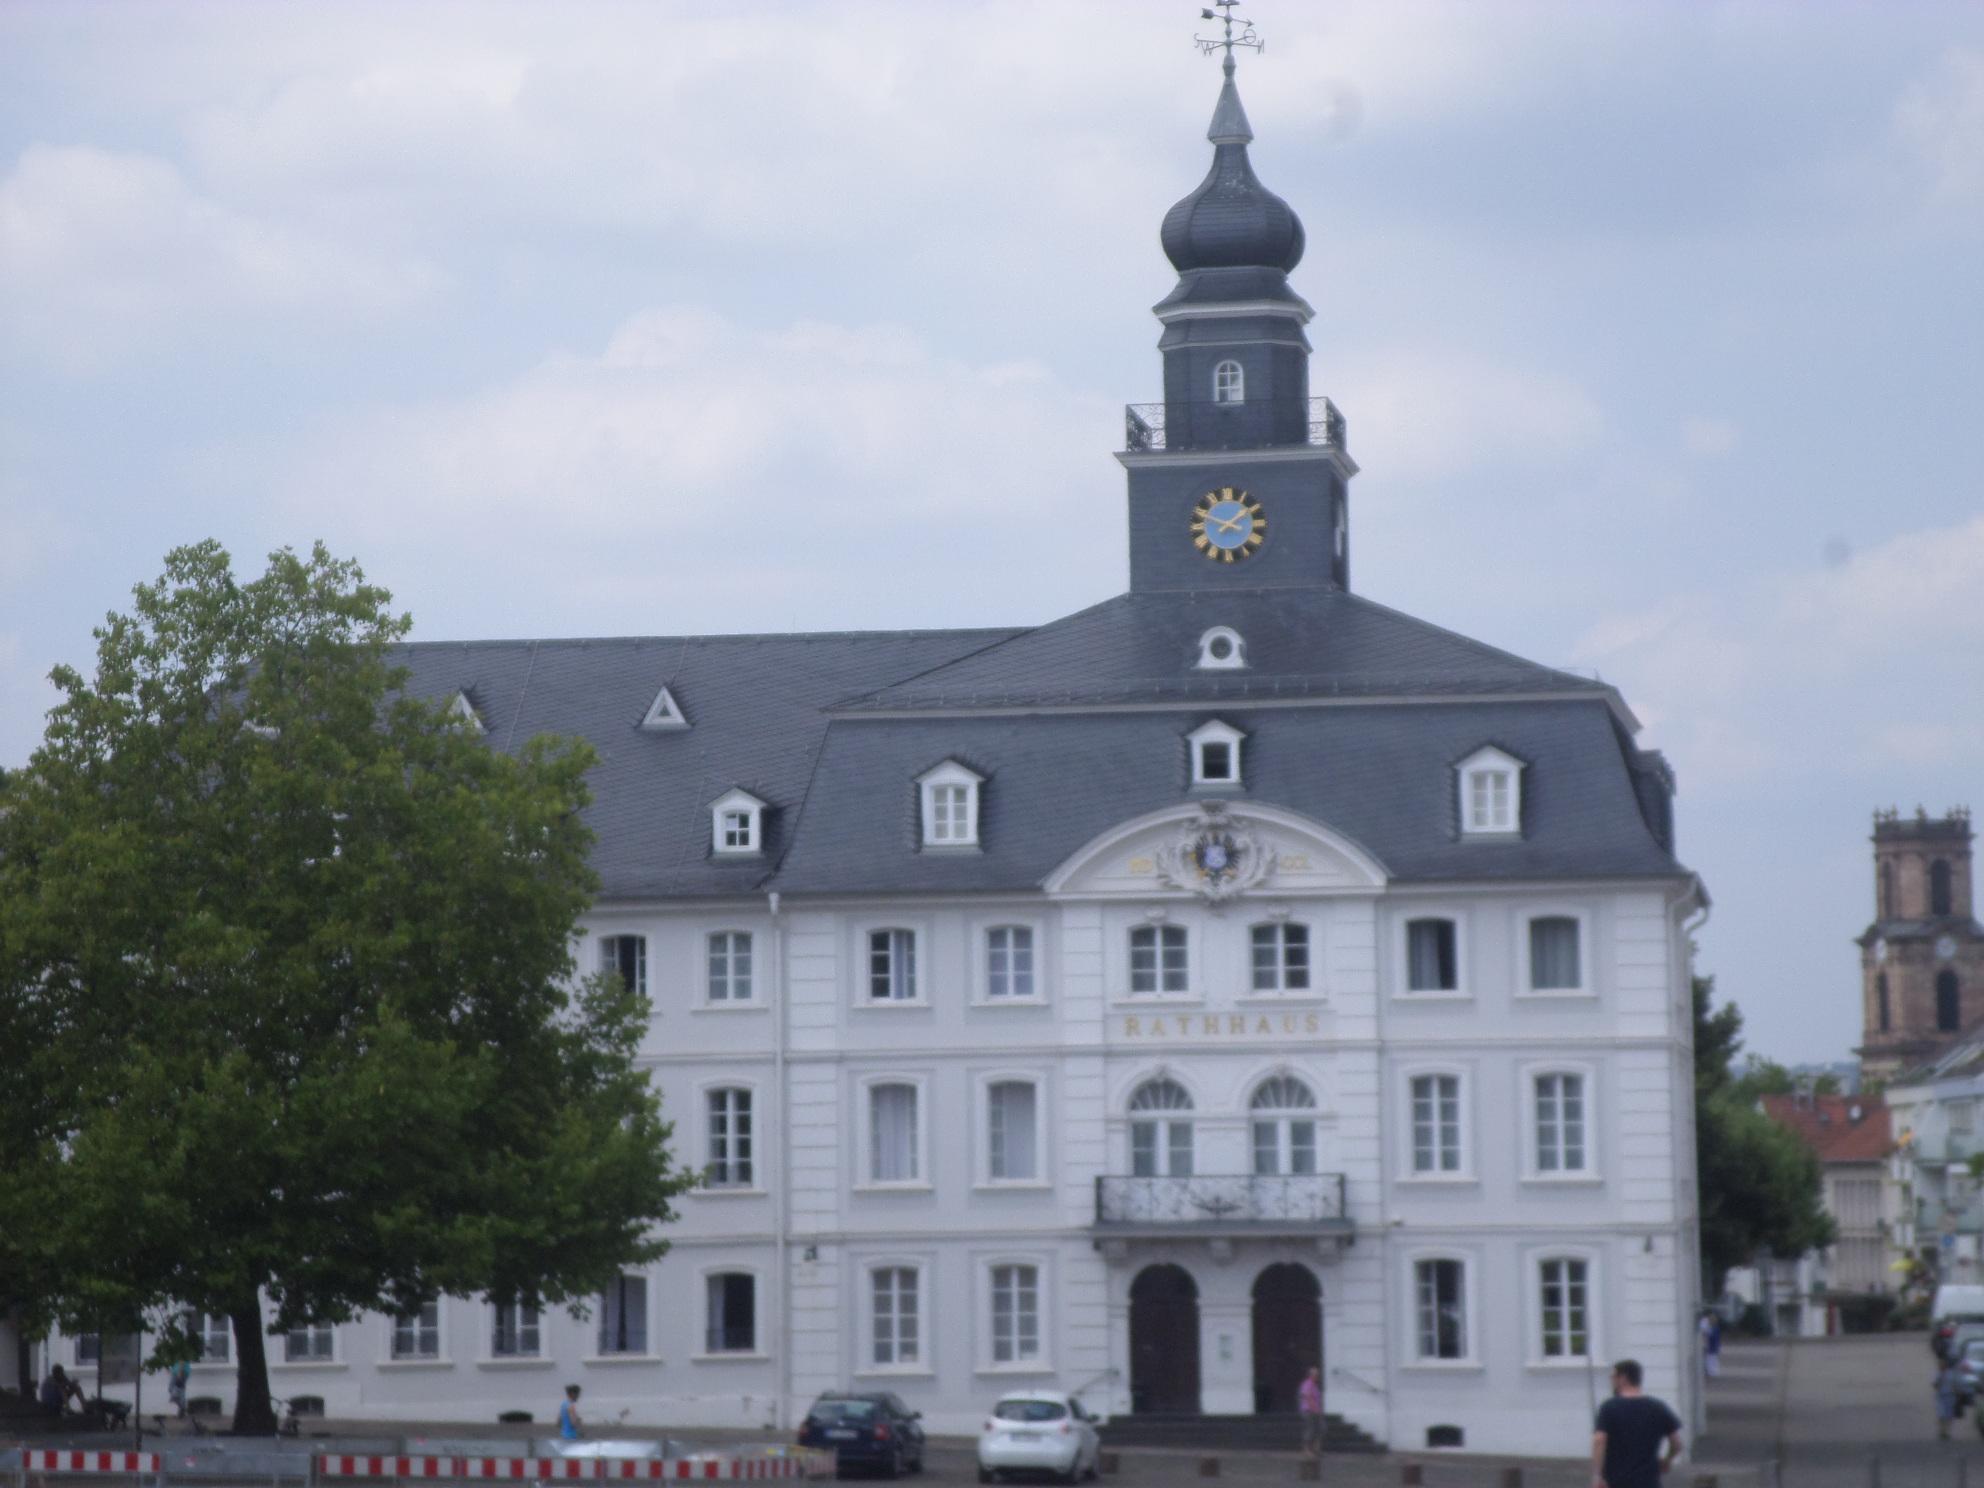 Saarbrucken